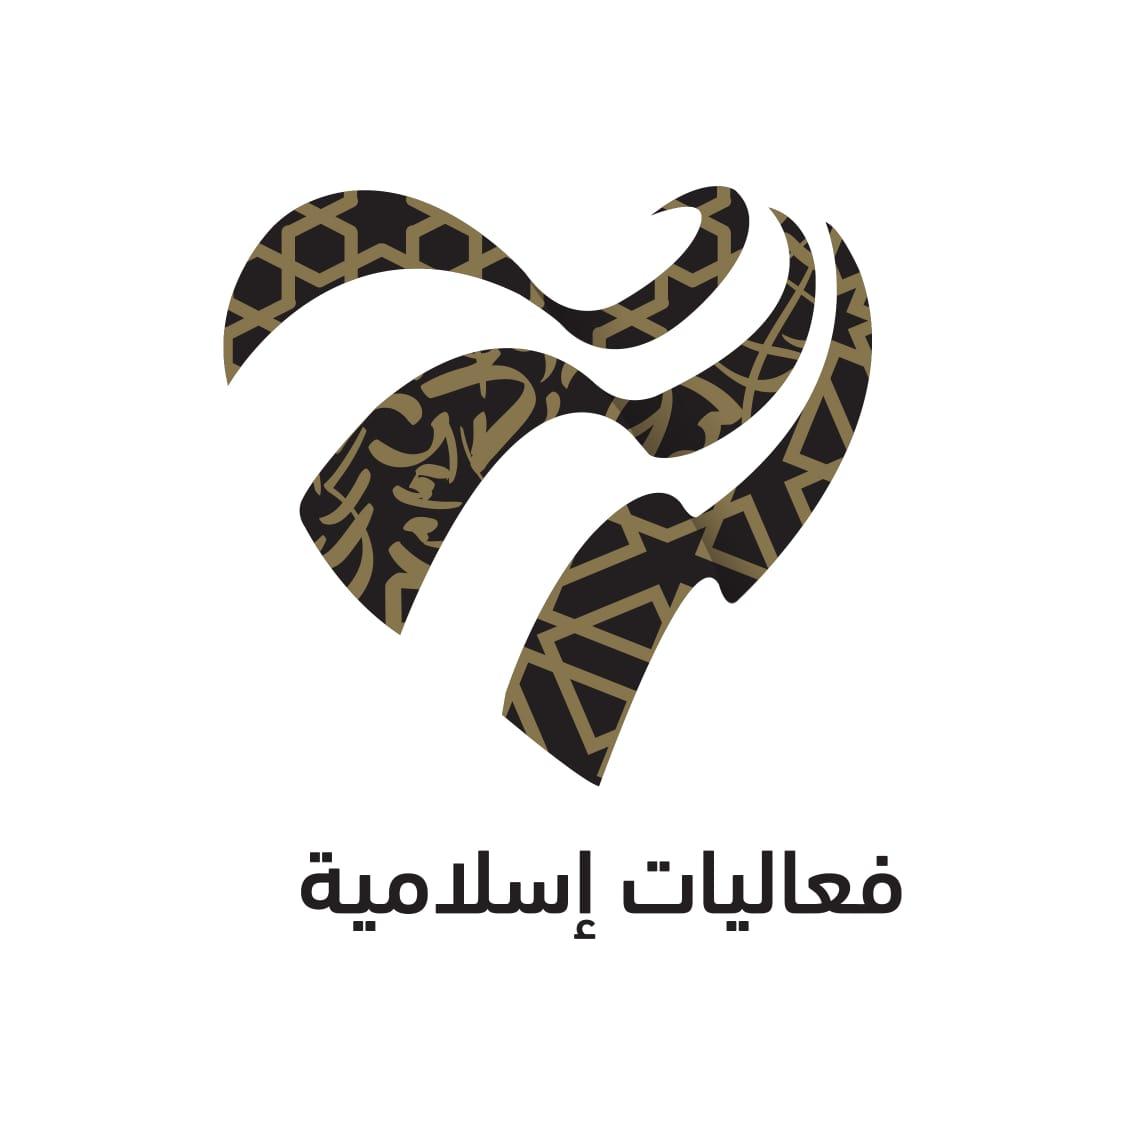 """إفتتاح معرض عمارة الحرمين الشريفين ضمن """"موسم رمضان"""" في مكة المكرمة"""